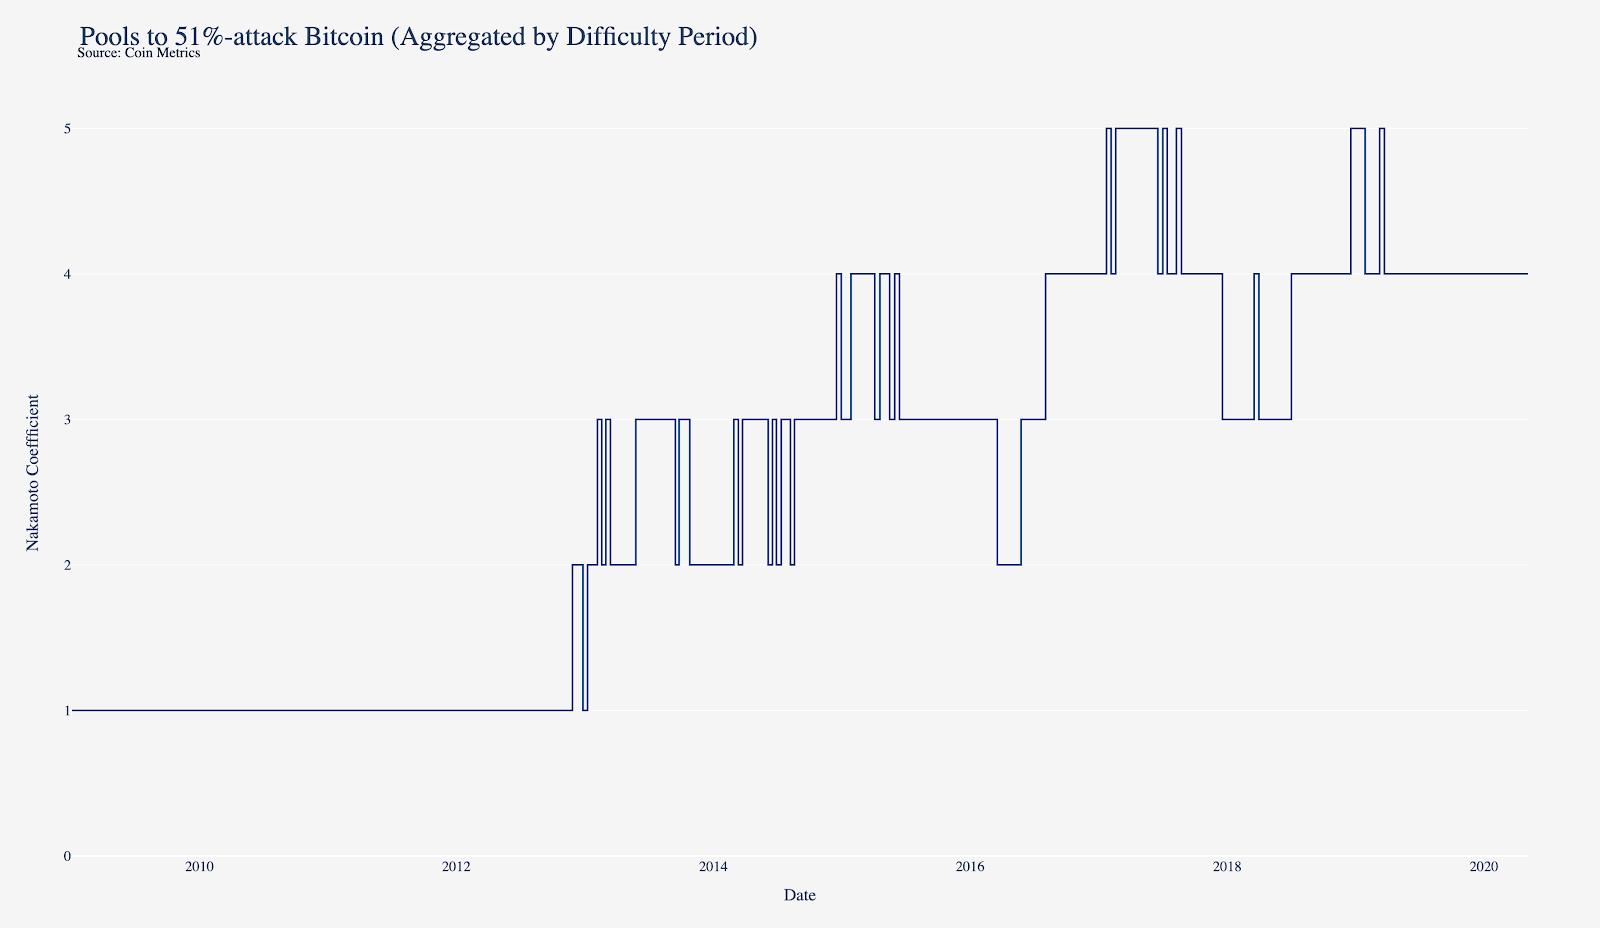 Постхалвинговая эра: от оптимизма до неопределенности в биткоин-индустрии